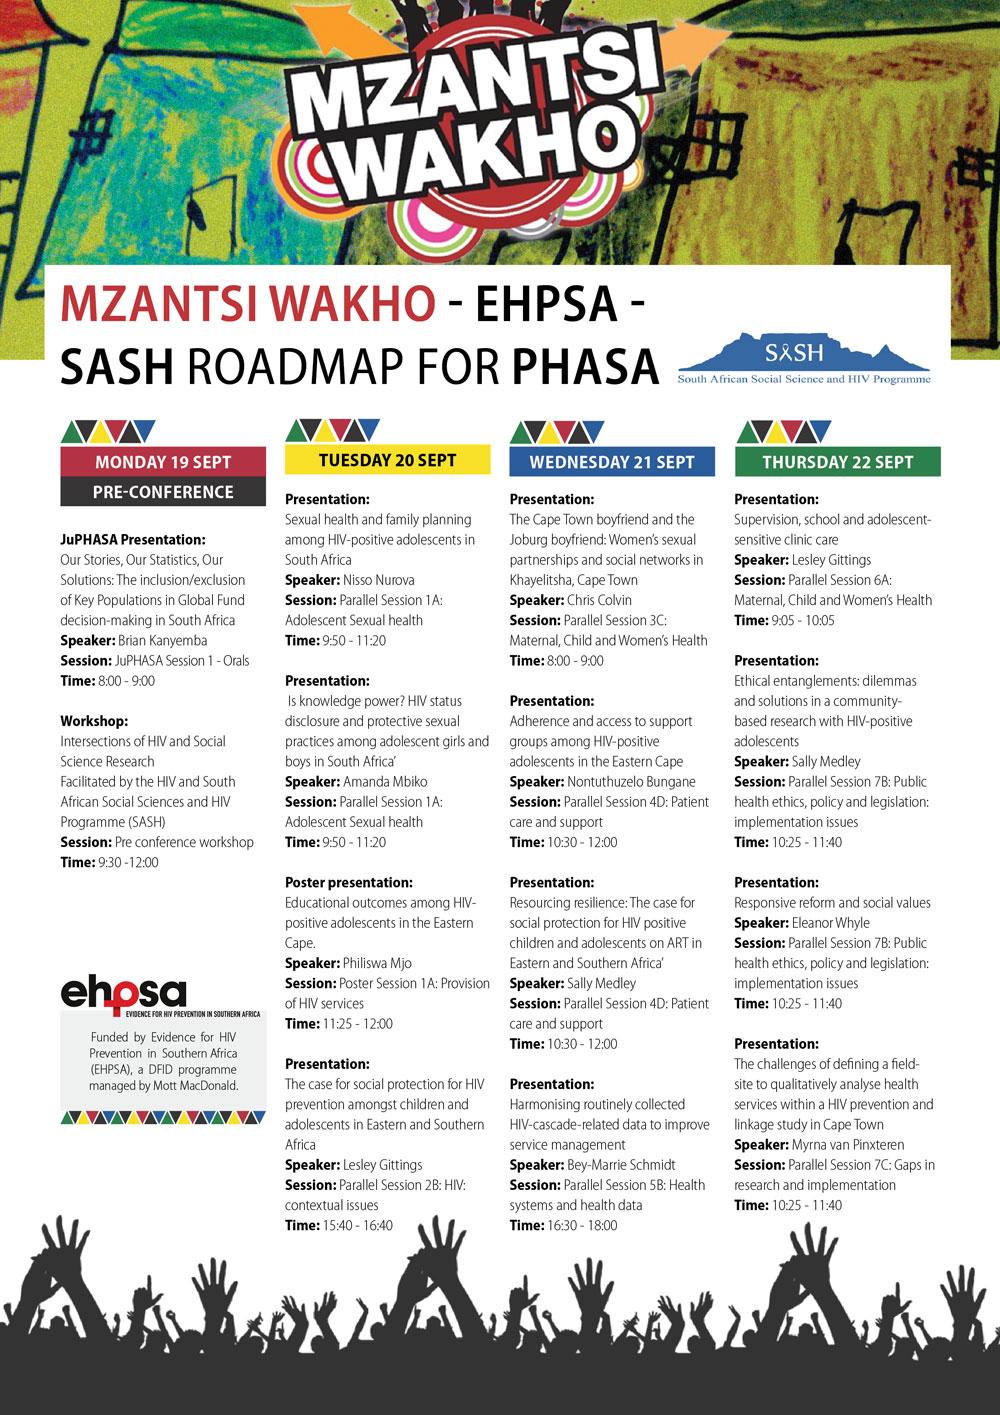 phasa2016